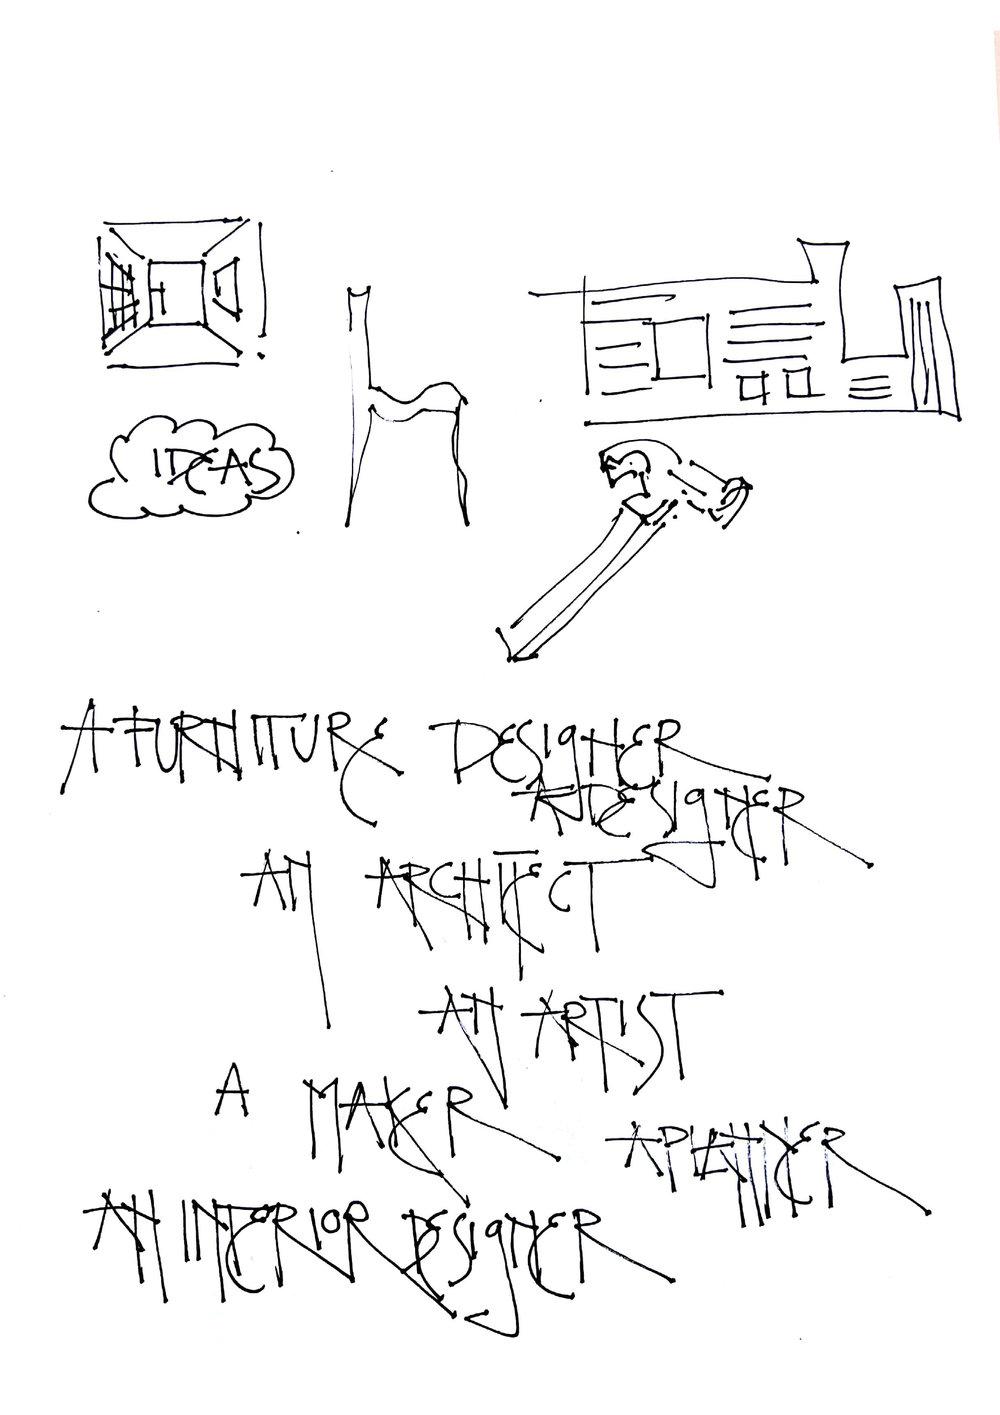 designer. maker. artist. planner.